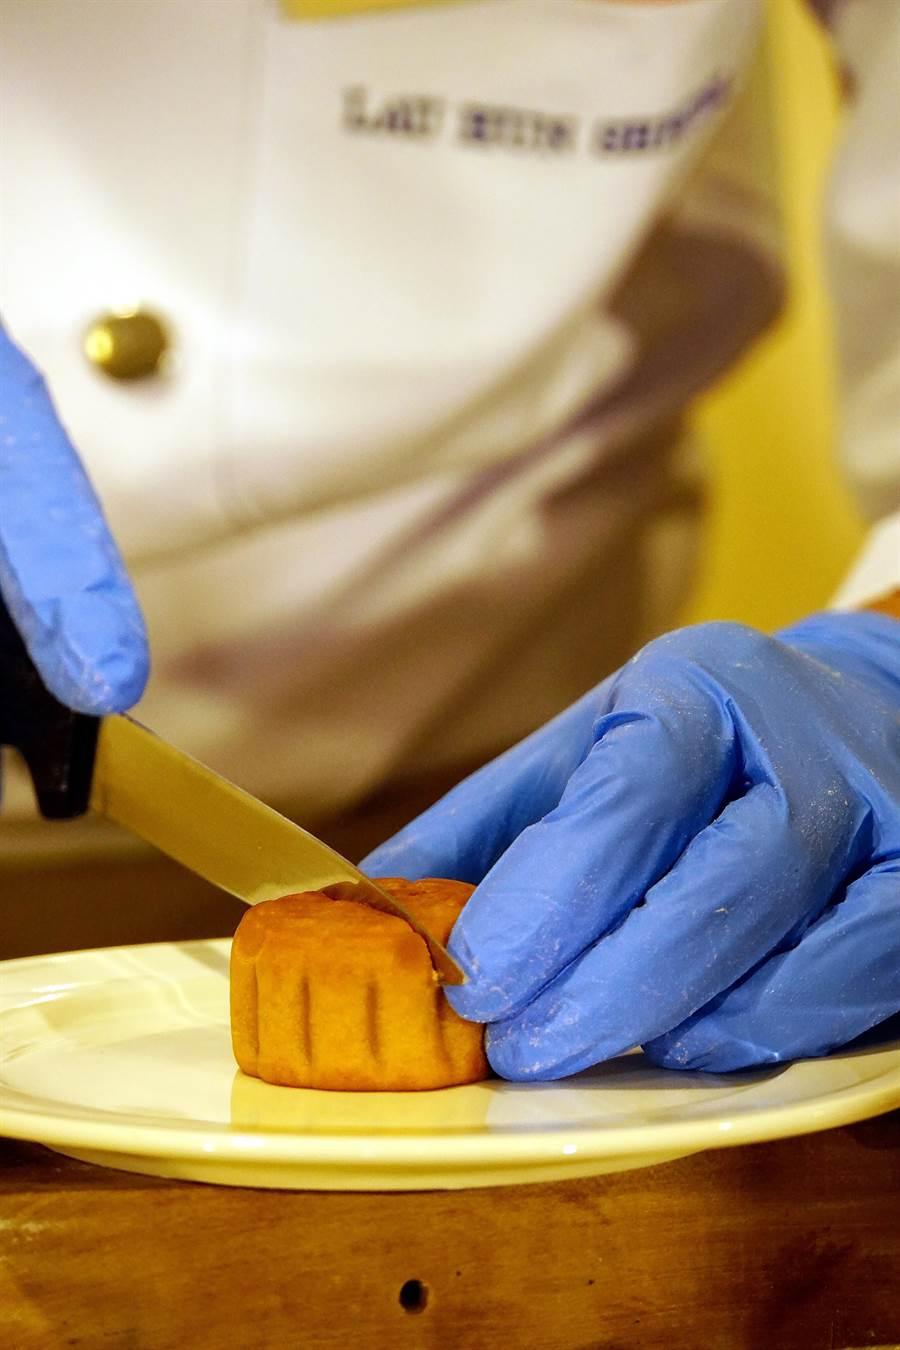 不必加熱,美心集集團的「流心奶黃月餅」,直接拿刀分切,內餡即會汩汩流出。(攝影/姚舜)